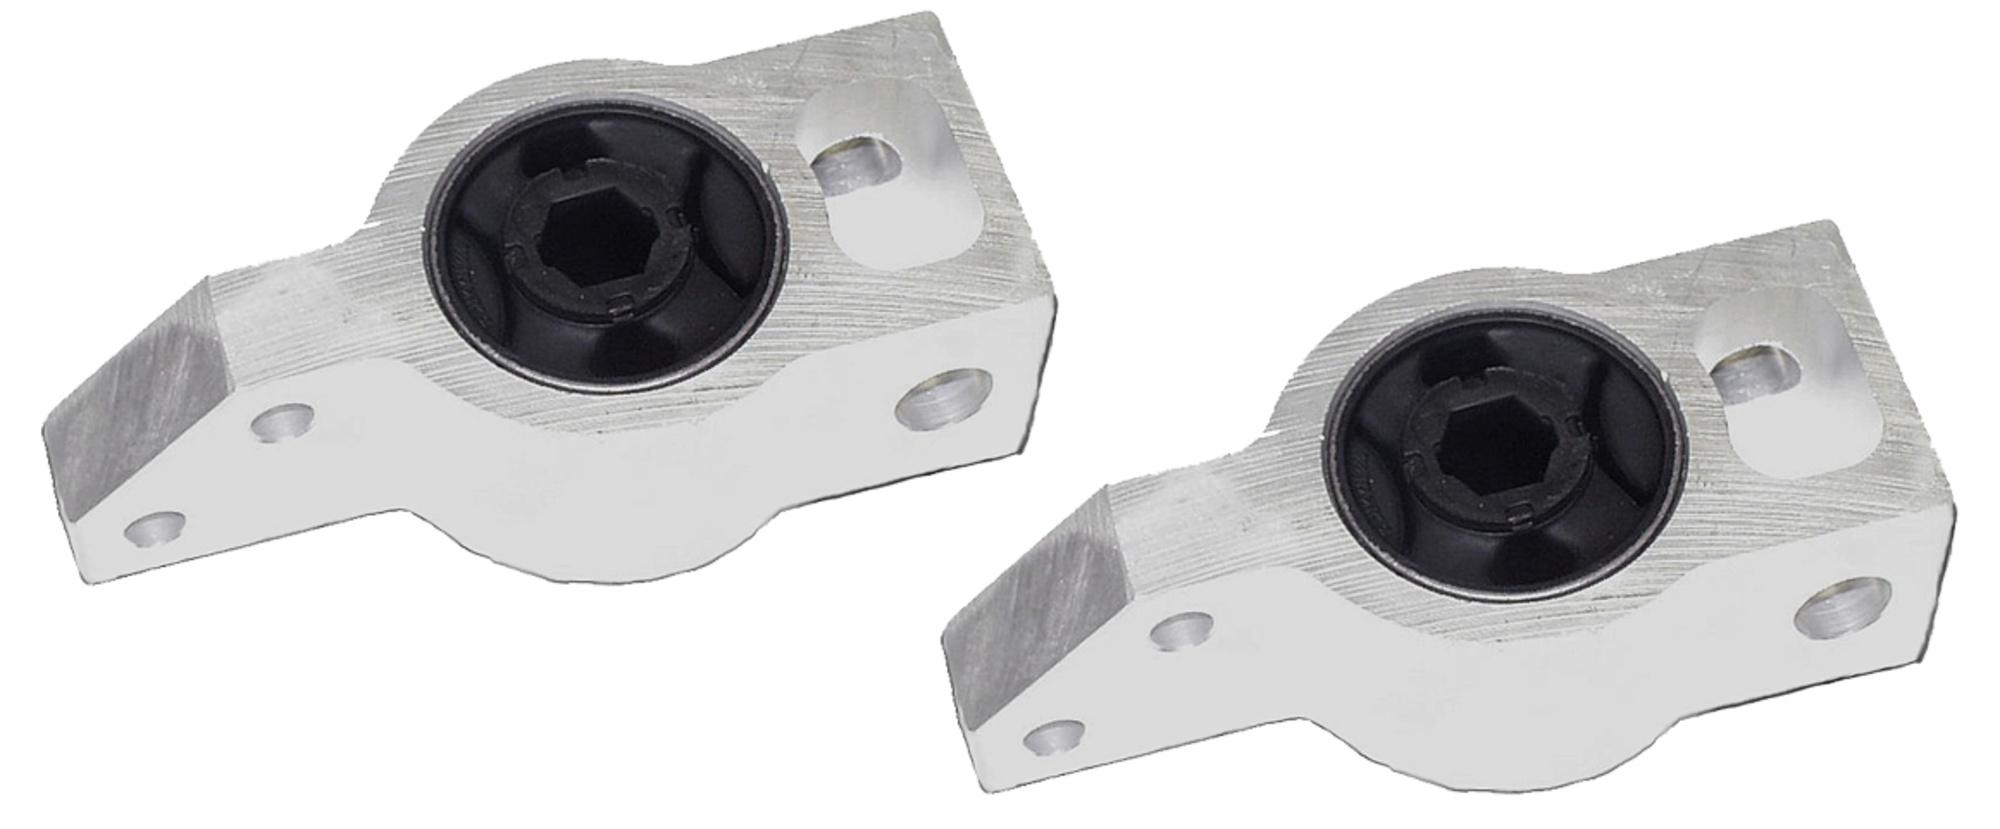 MAPCO 33987/2 Repair Kit, link